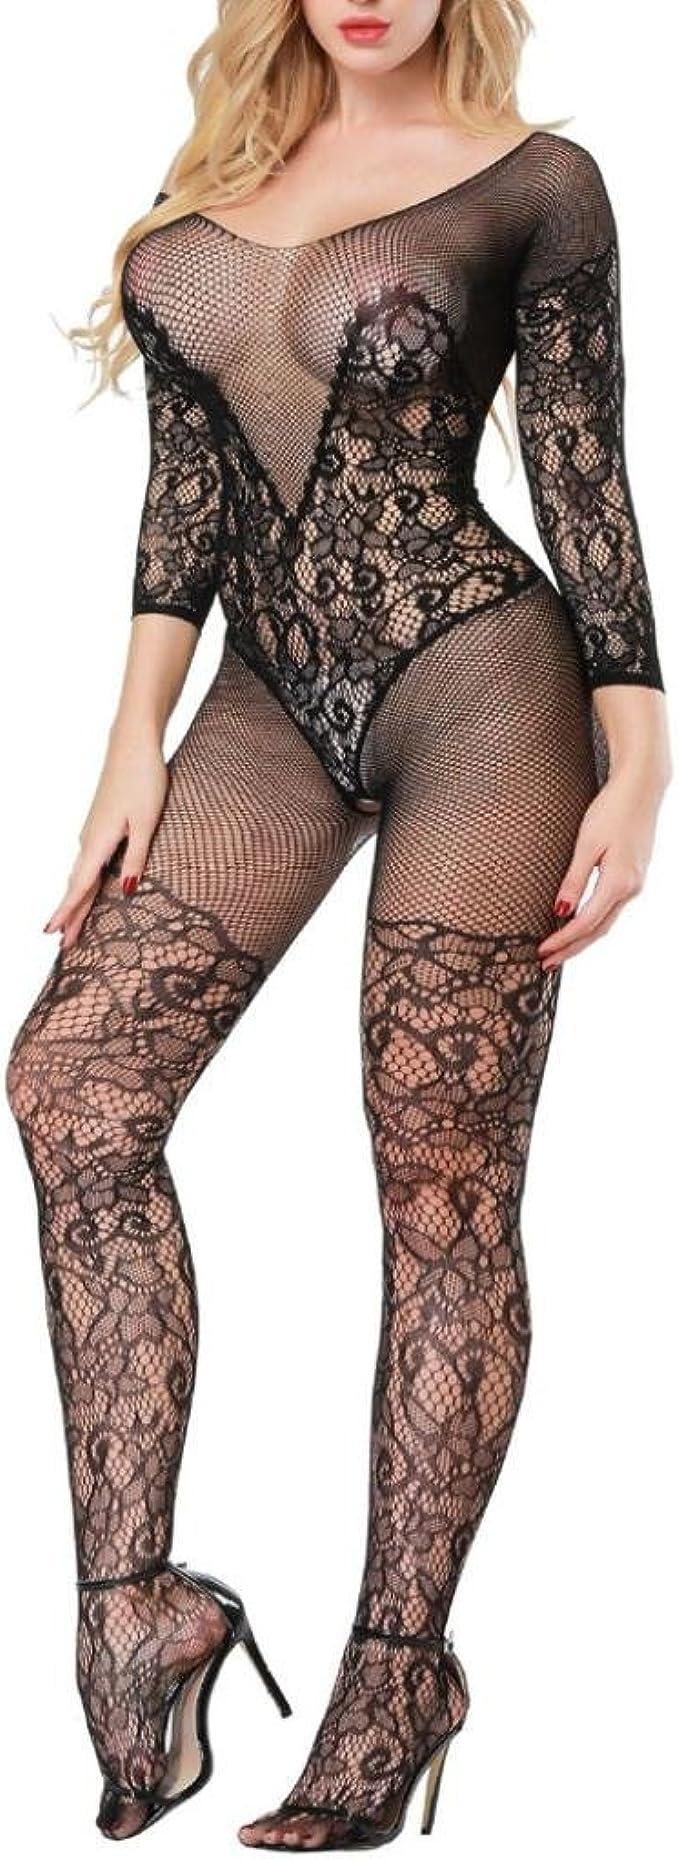 Details about  /Frauen Body Bodysuit Durchsichtig Mesh Unterwäsche mit Reißverschluss Clubwear